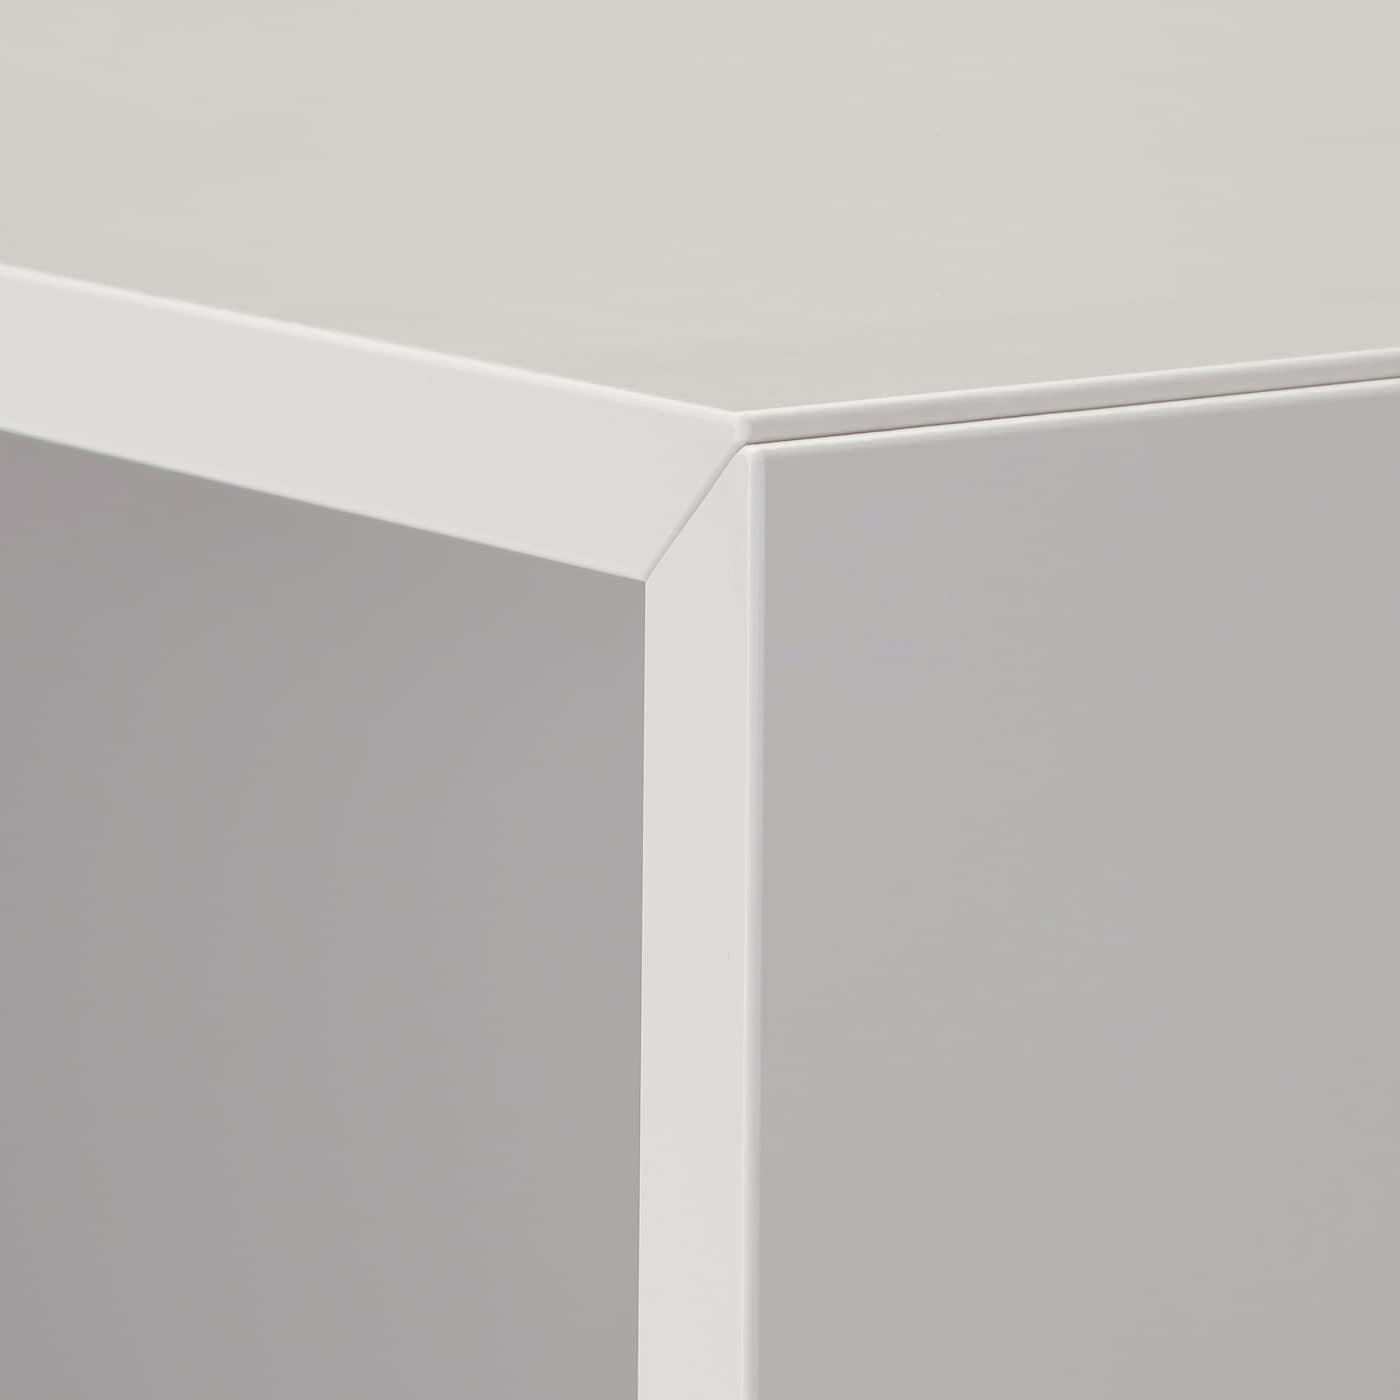 EKET skříňka se 4 přihrádkami světle šedá 70 cm 35 cm 70 cm 7 kg